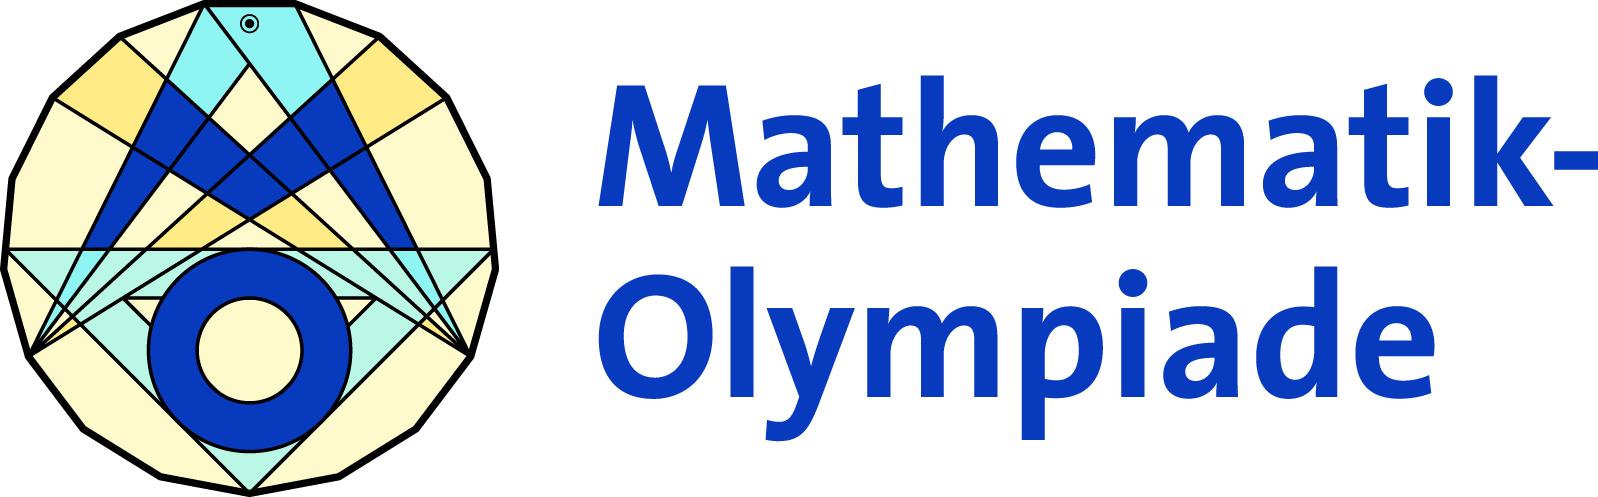 59. Mathematikolympiade- 3. Platz!